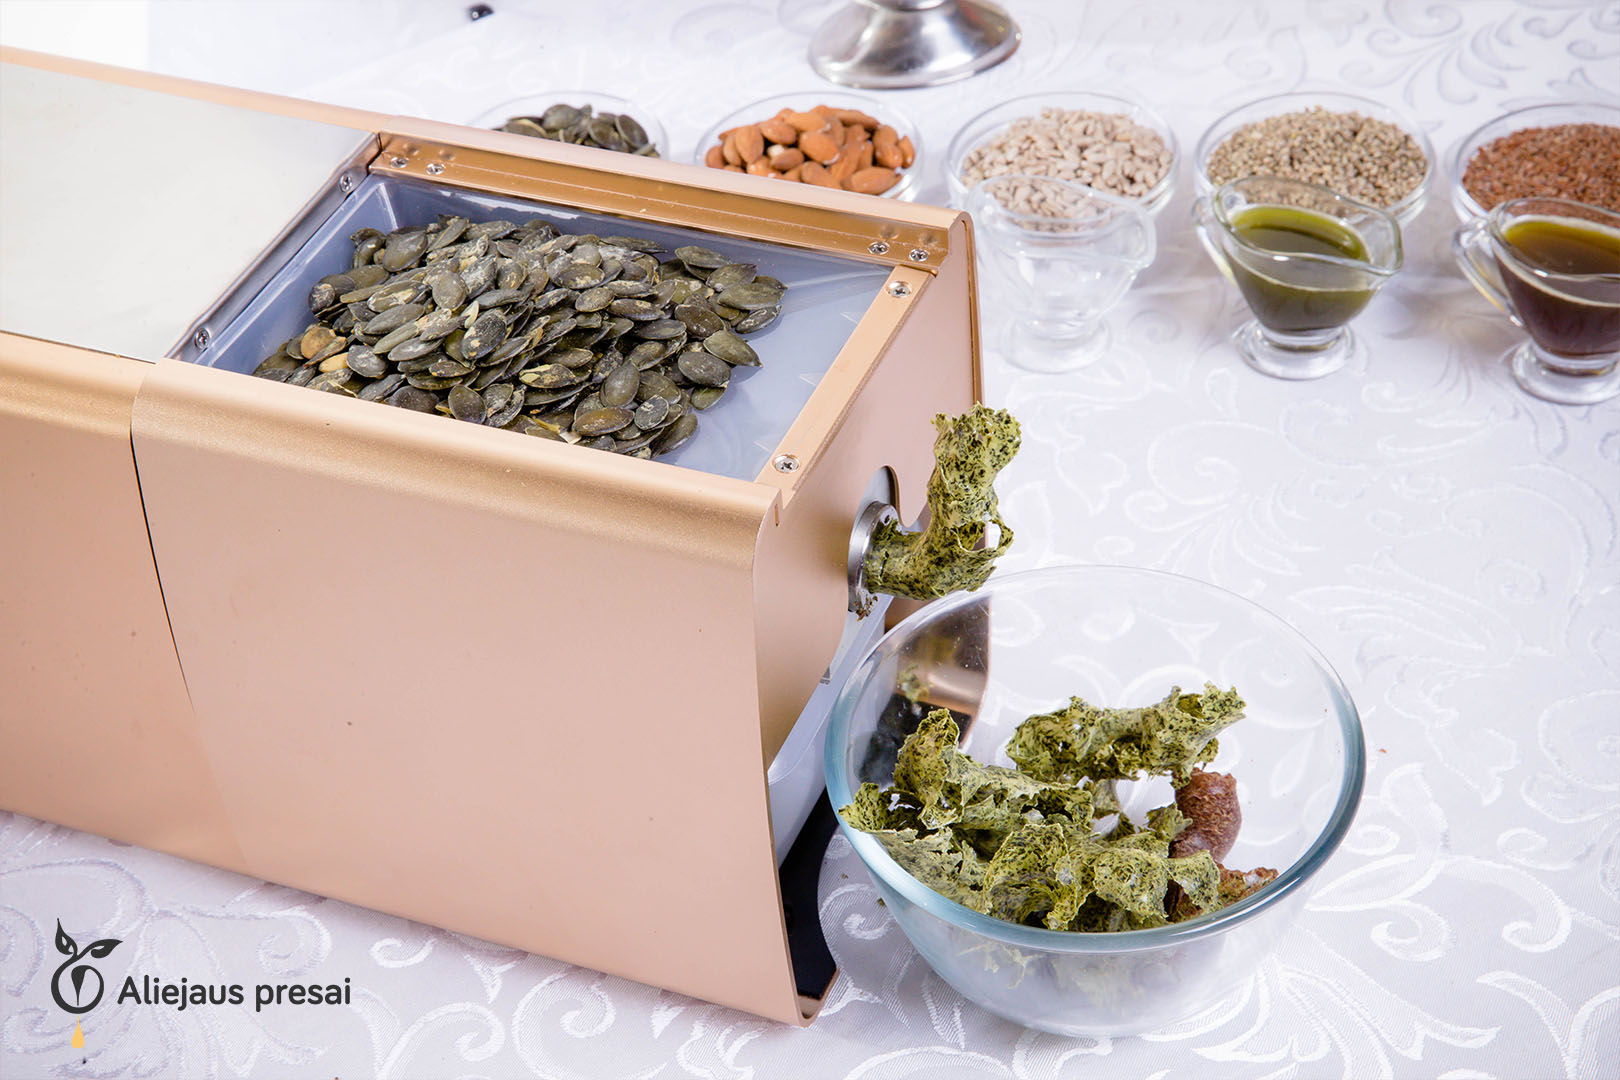 Namų sąlygomis buitiniu aliejaus presu spaudžiamas moliūgų sėklų aliejus